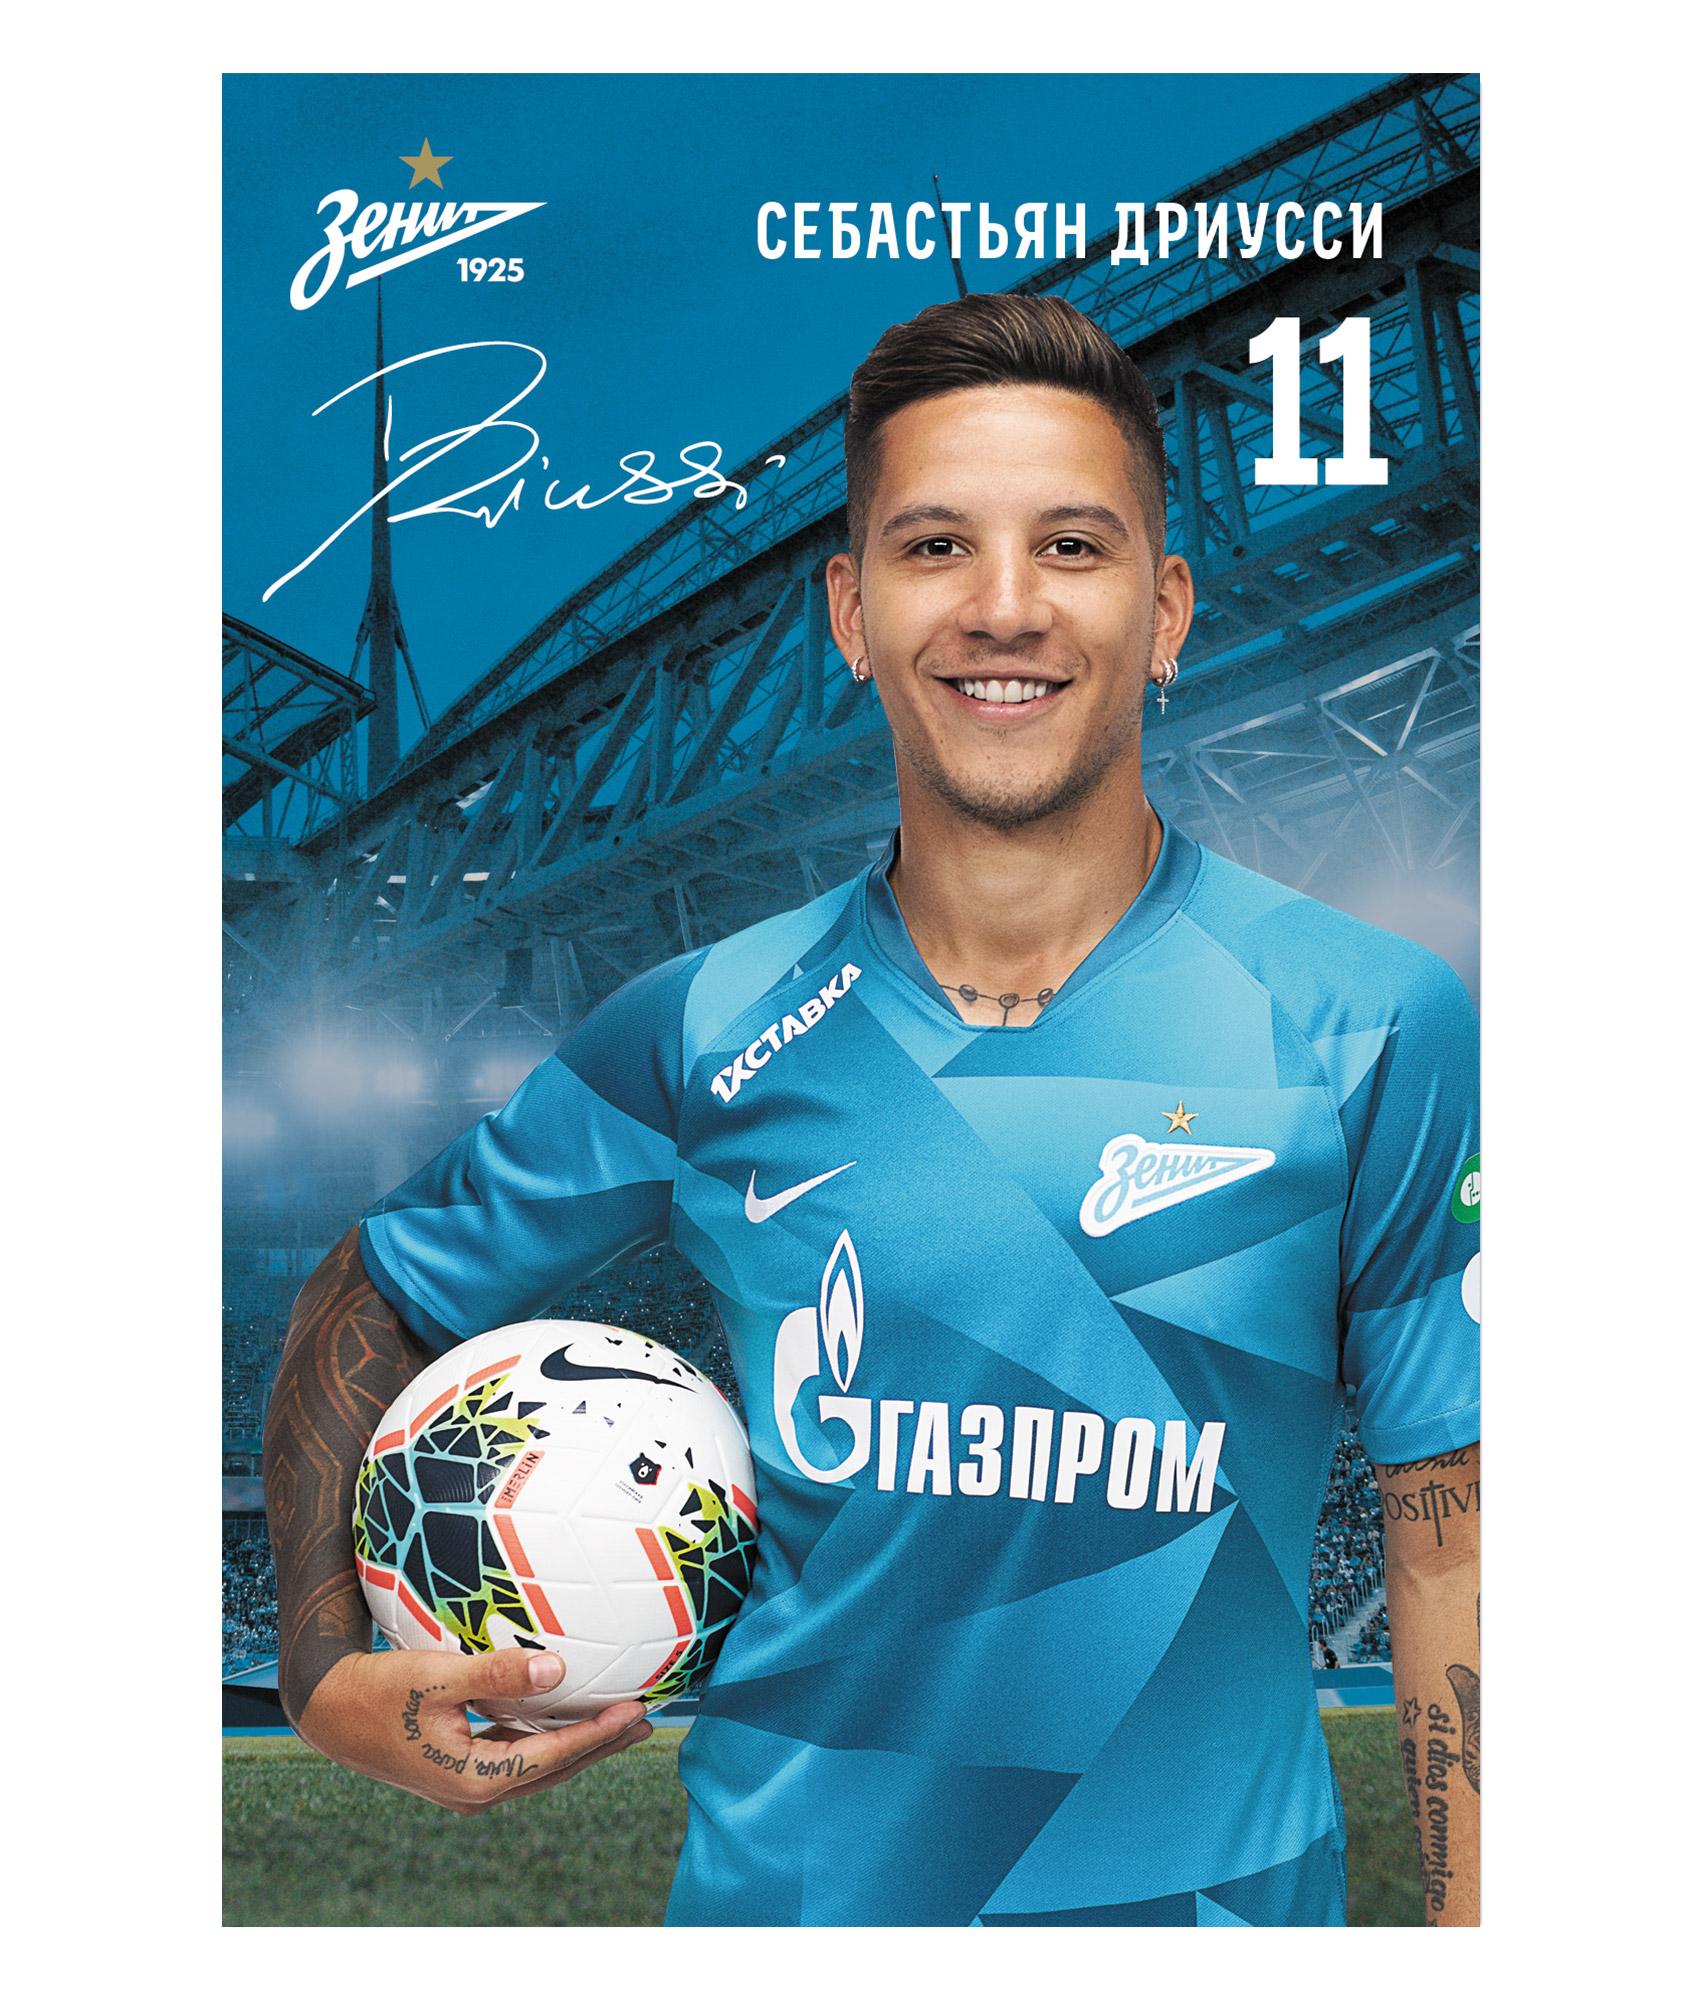 Открытка «Дриусси 2019/2020» Зенит